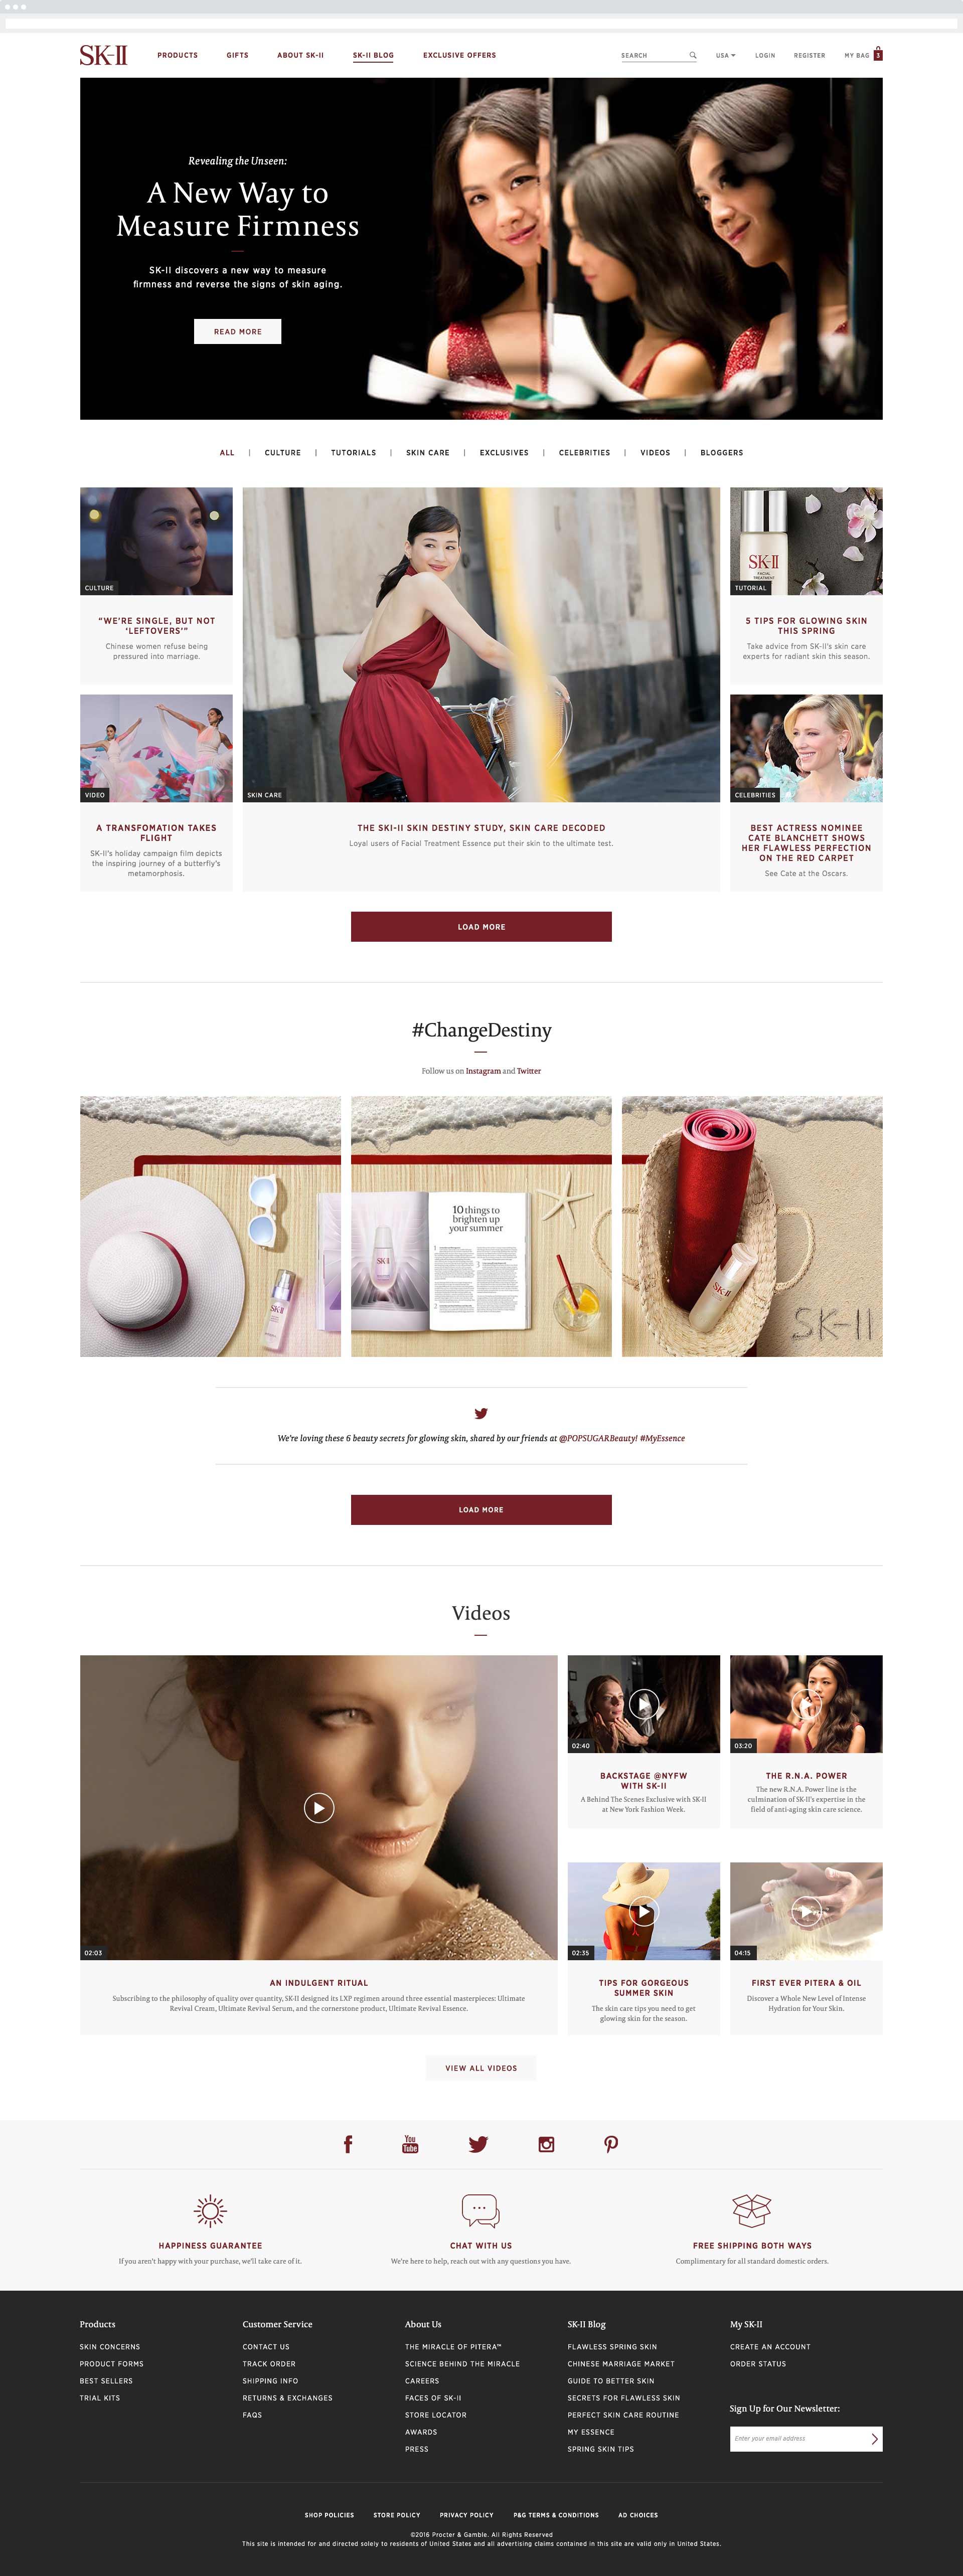 SK-II_Blog_for_web.jpg